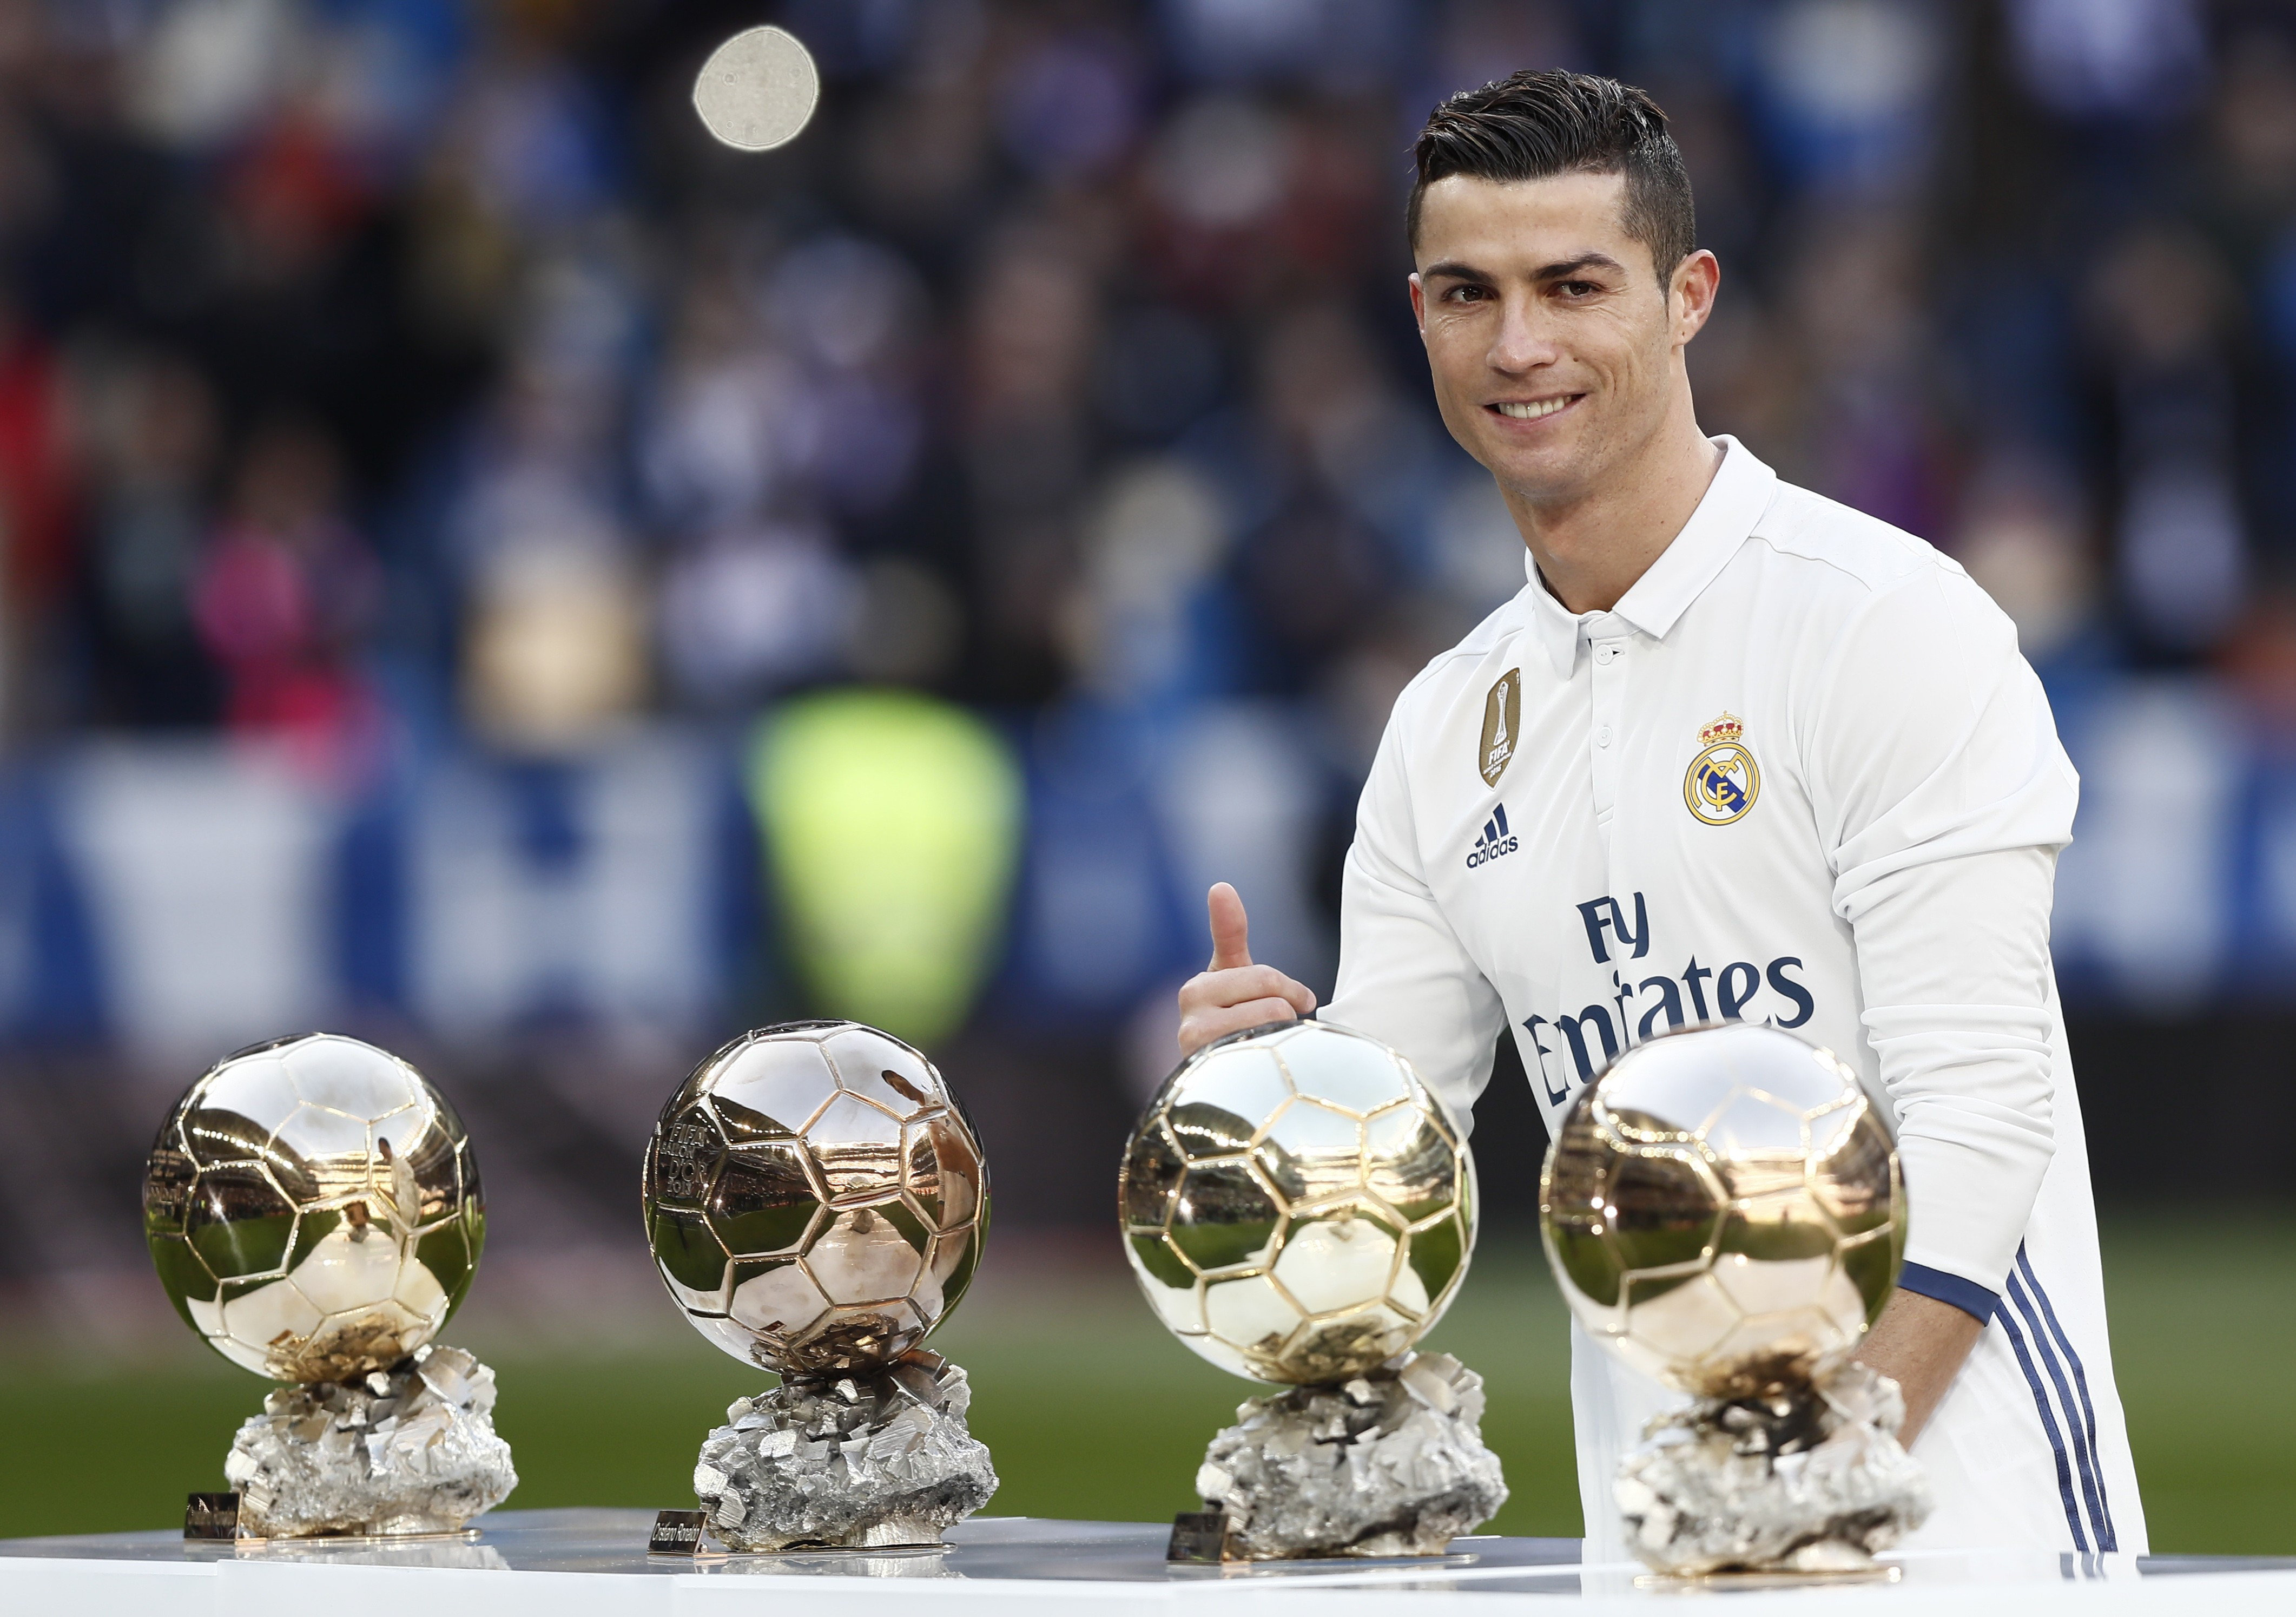 Opinião  por que Cristiano Ronaldo não foi o melhor do mundo em 2016 b6cd3bdd3406d